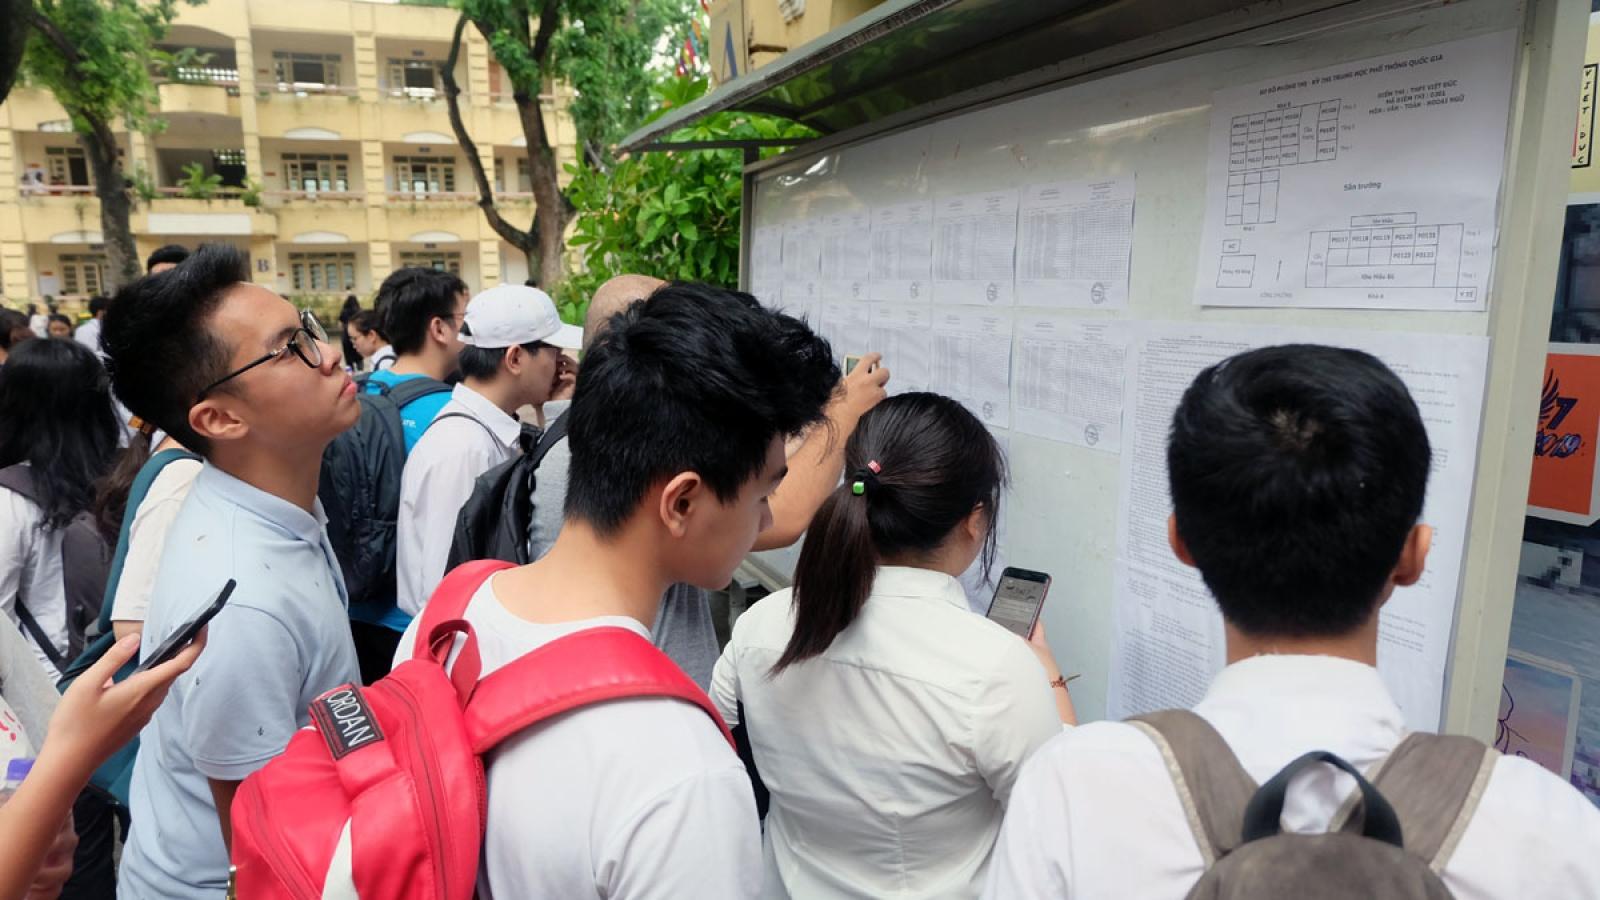 Chỉ tiêu tuyển sinh ngành Marketing các trường đại học năm 2020